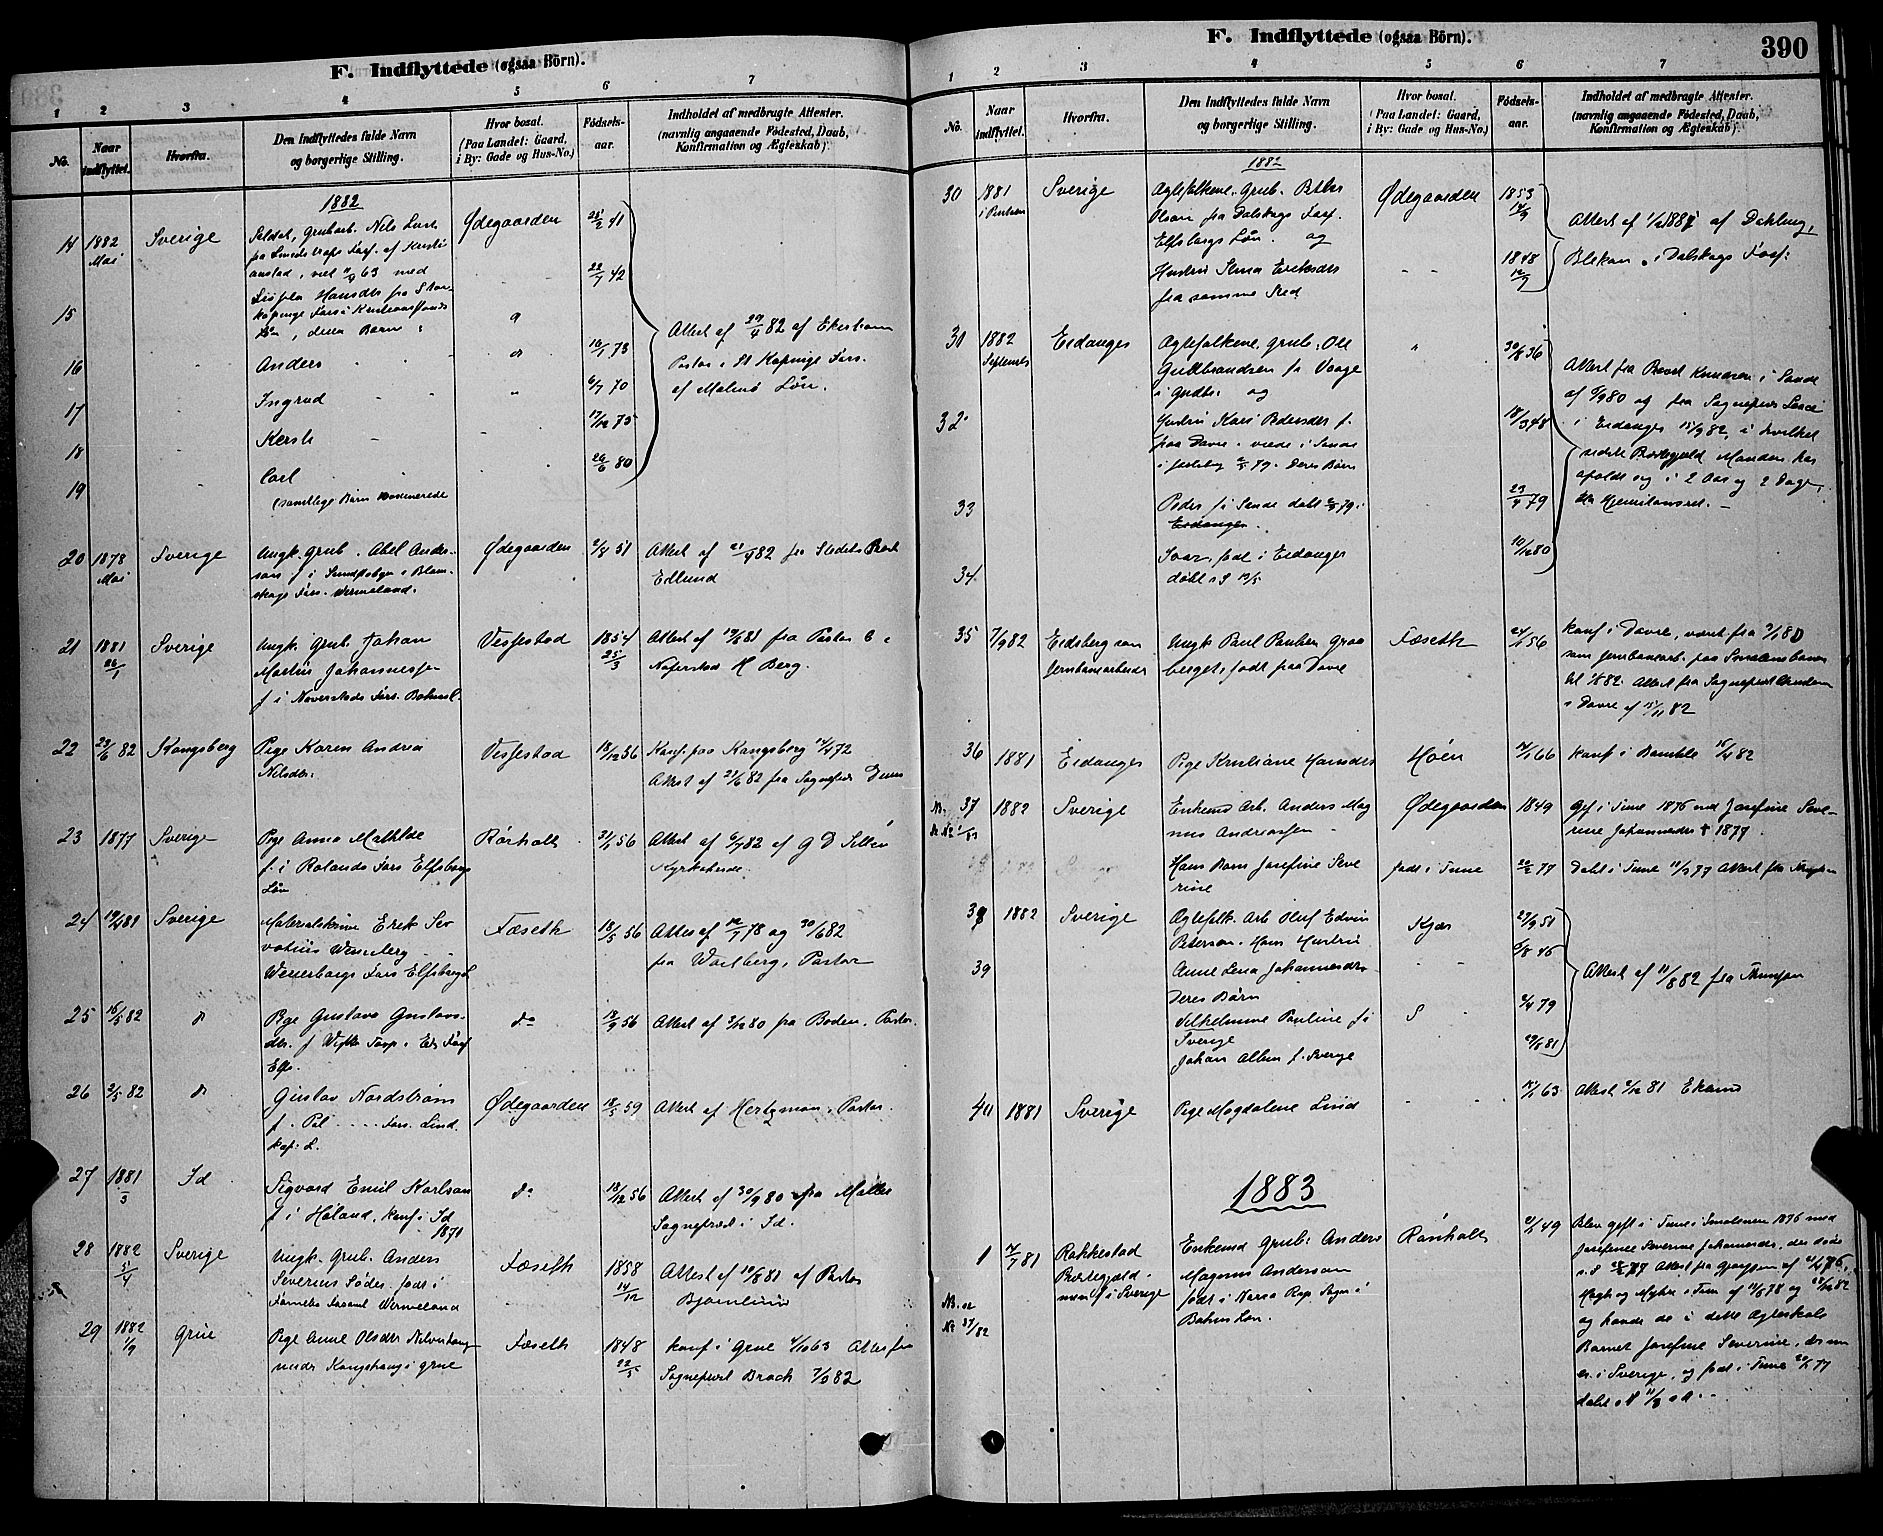 SAKO, Bamble kirkebøker, G/Ga/L0008: Klokkerbok nr. I 8, 1878-1888, s. 390